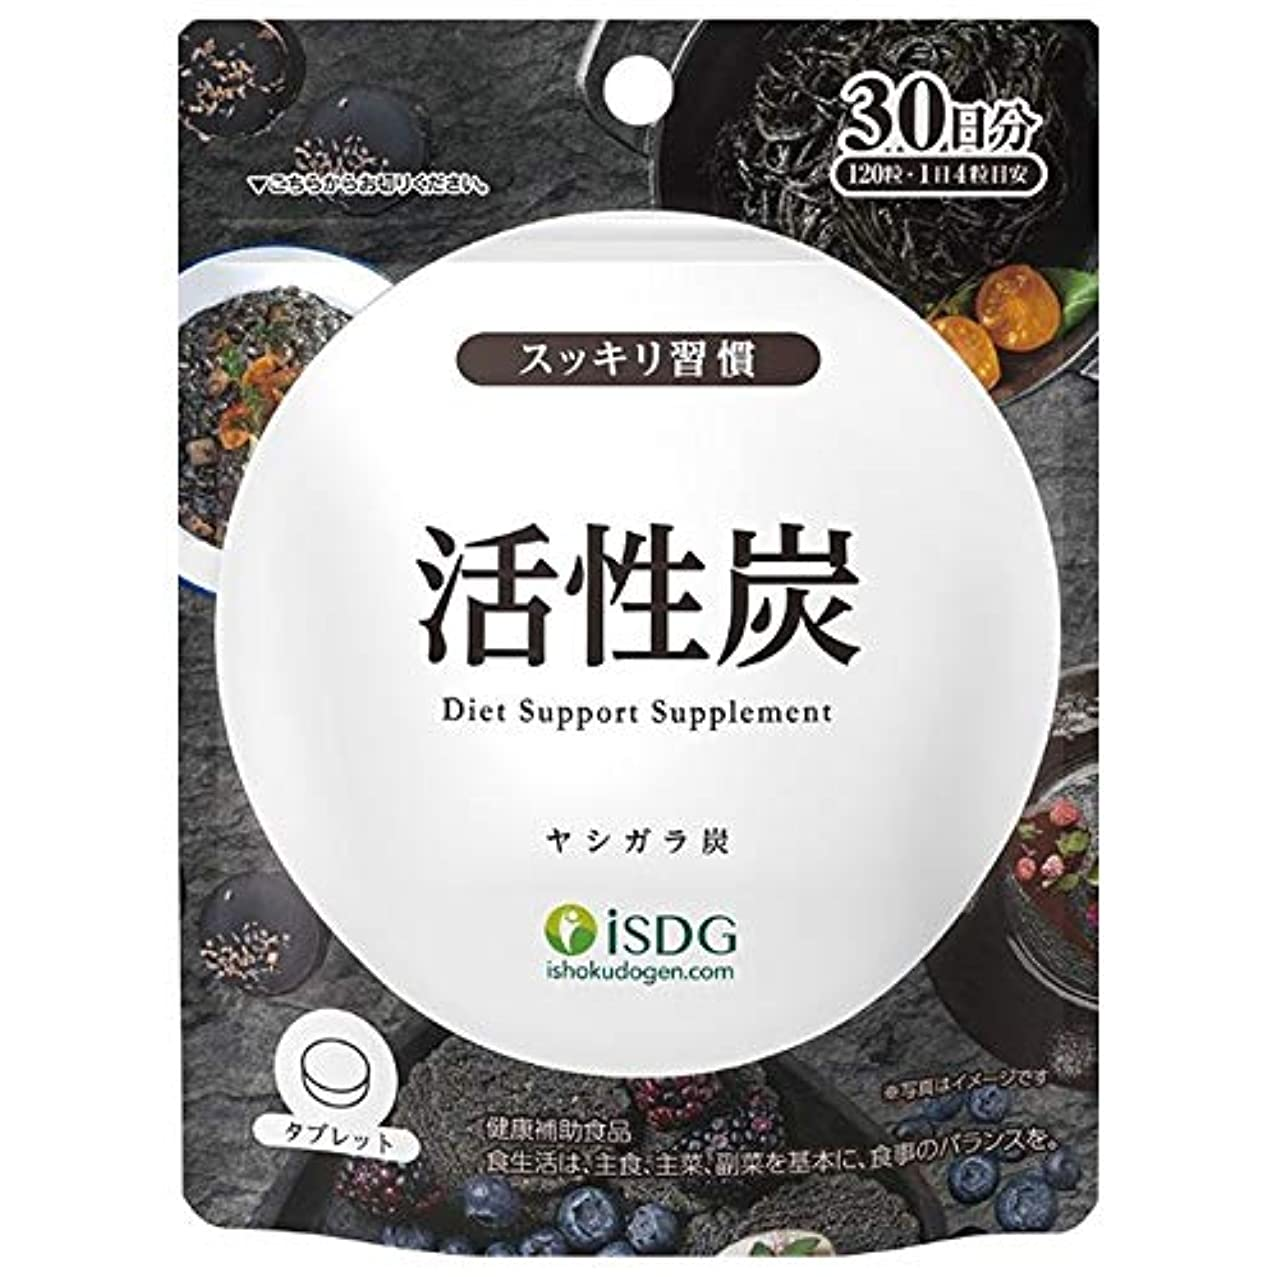 反響する類推退屈させるISDG 医食同源ドットコム 活性炭 [ヤシガラ炭 400mg配合/4粒] 120粒 30日分